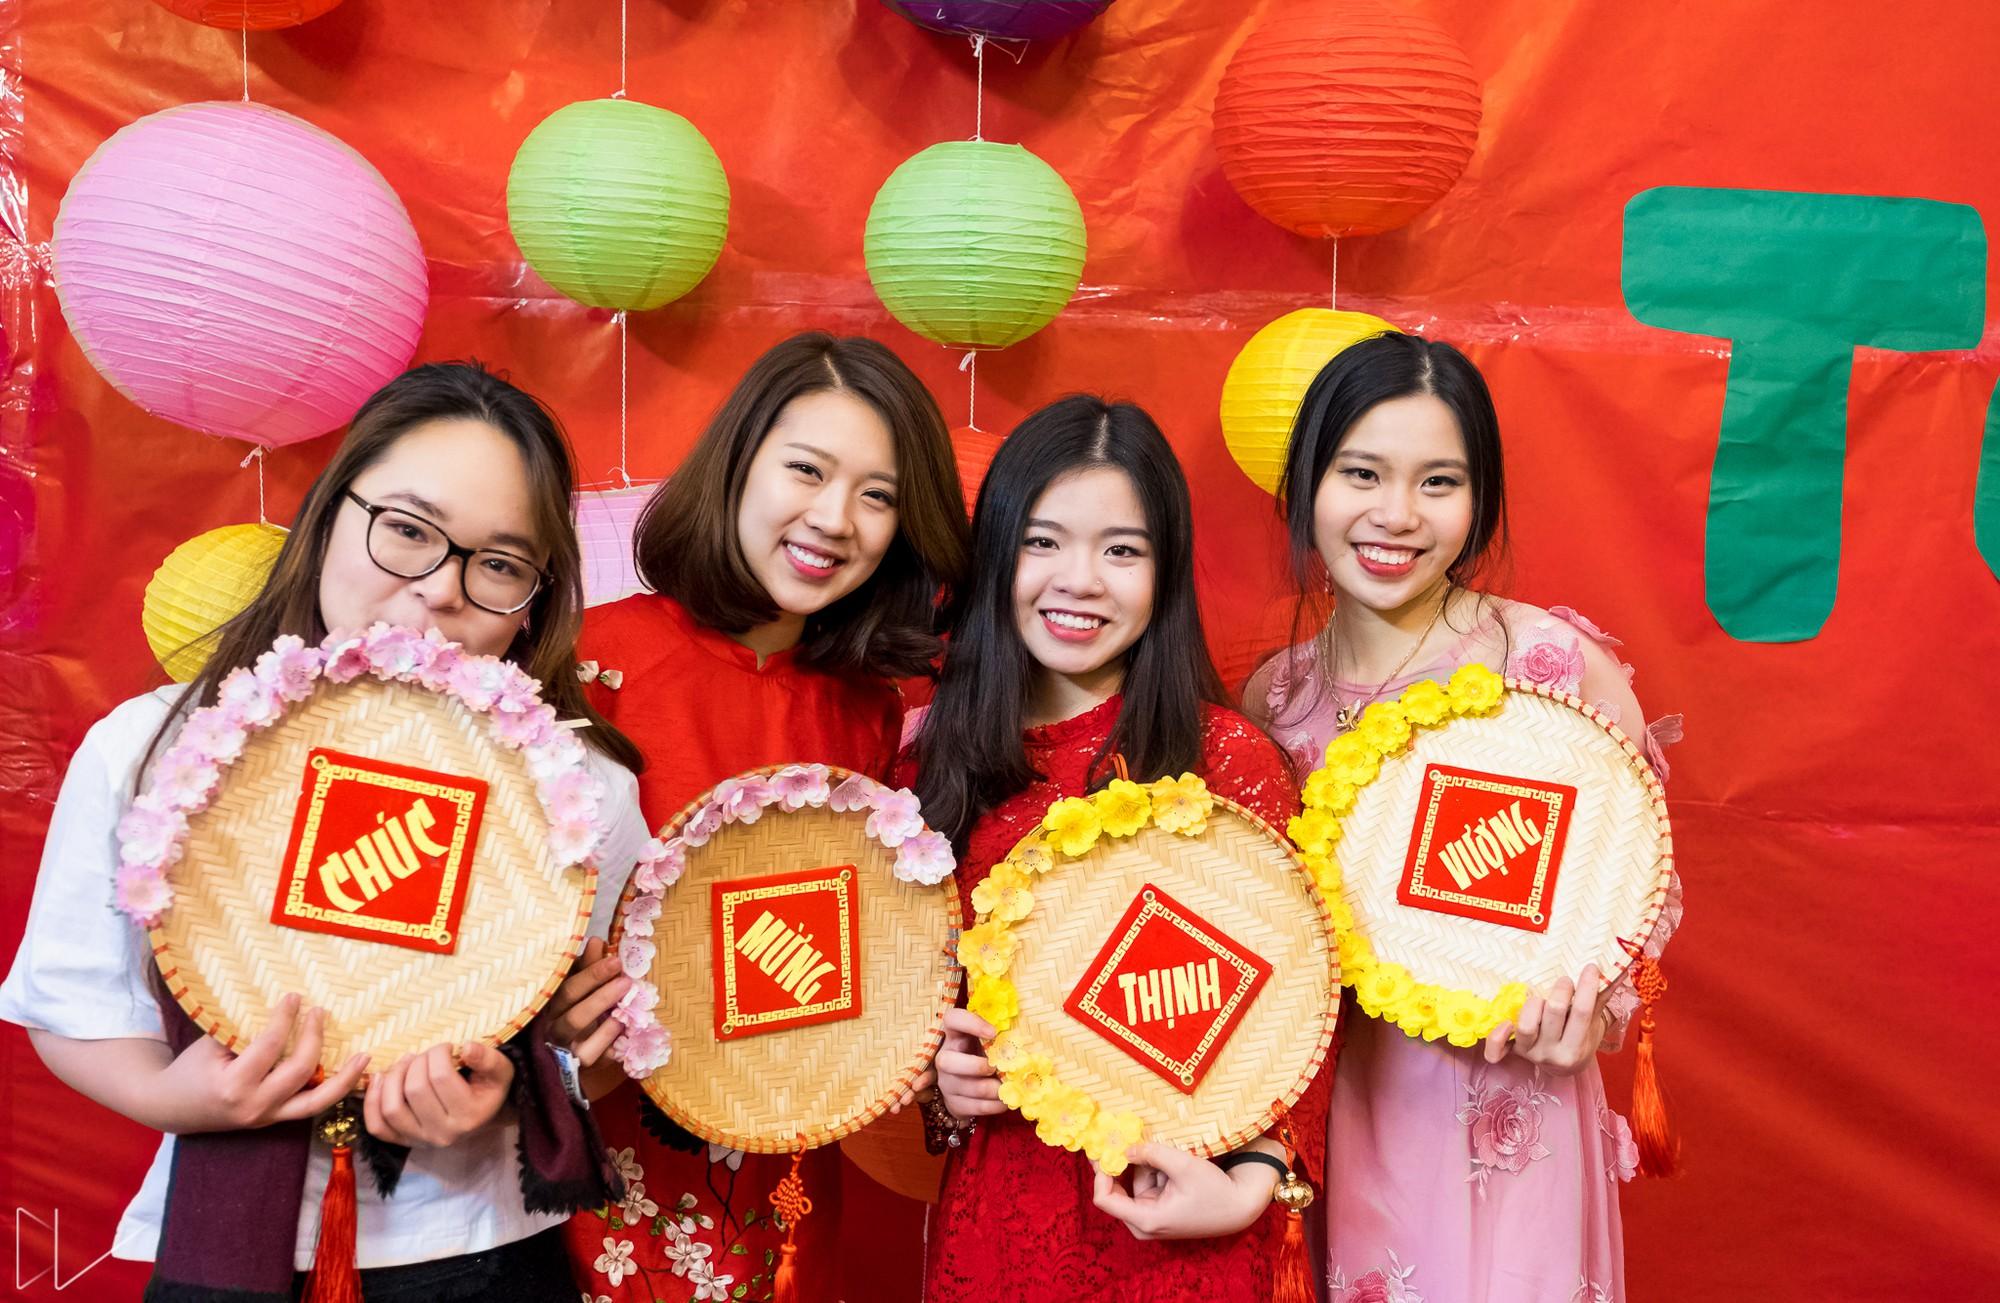 Trai xinh, gái đẹp nô nức tham gia chương trình Tết của du học sinh Việt tại Anh - Ảnh 10.